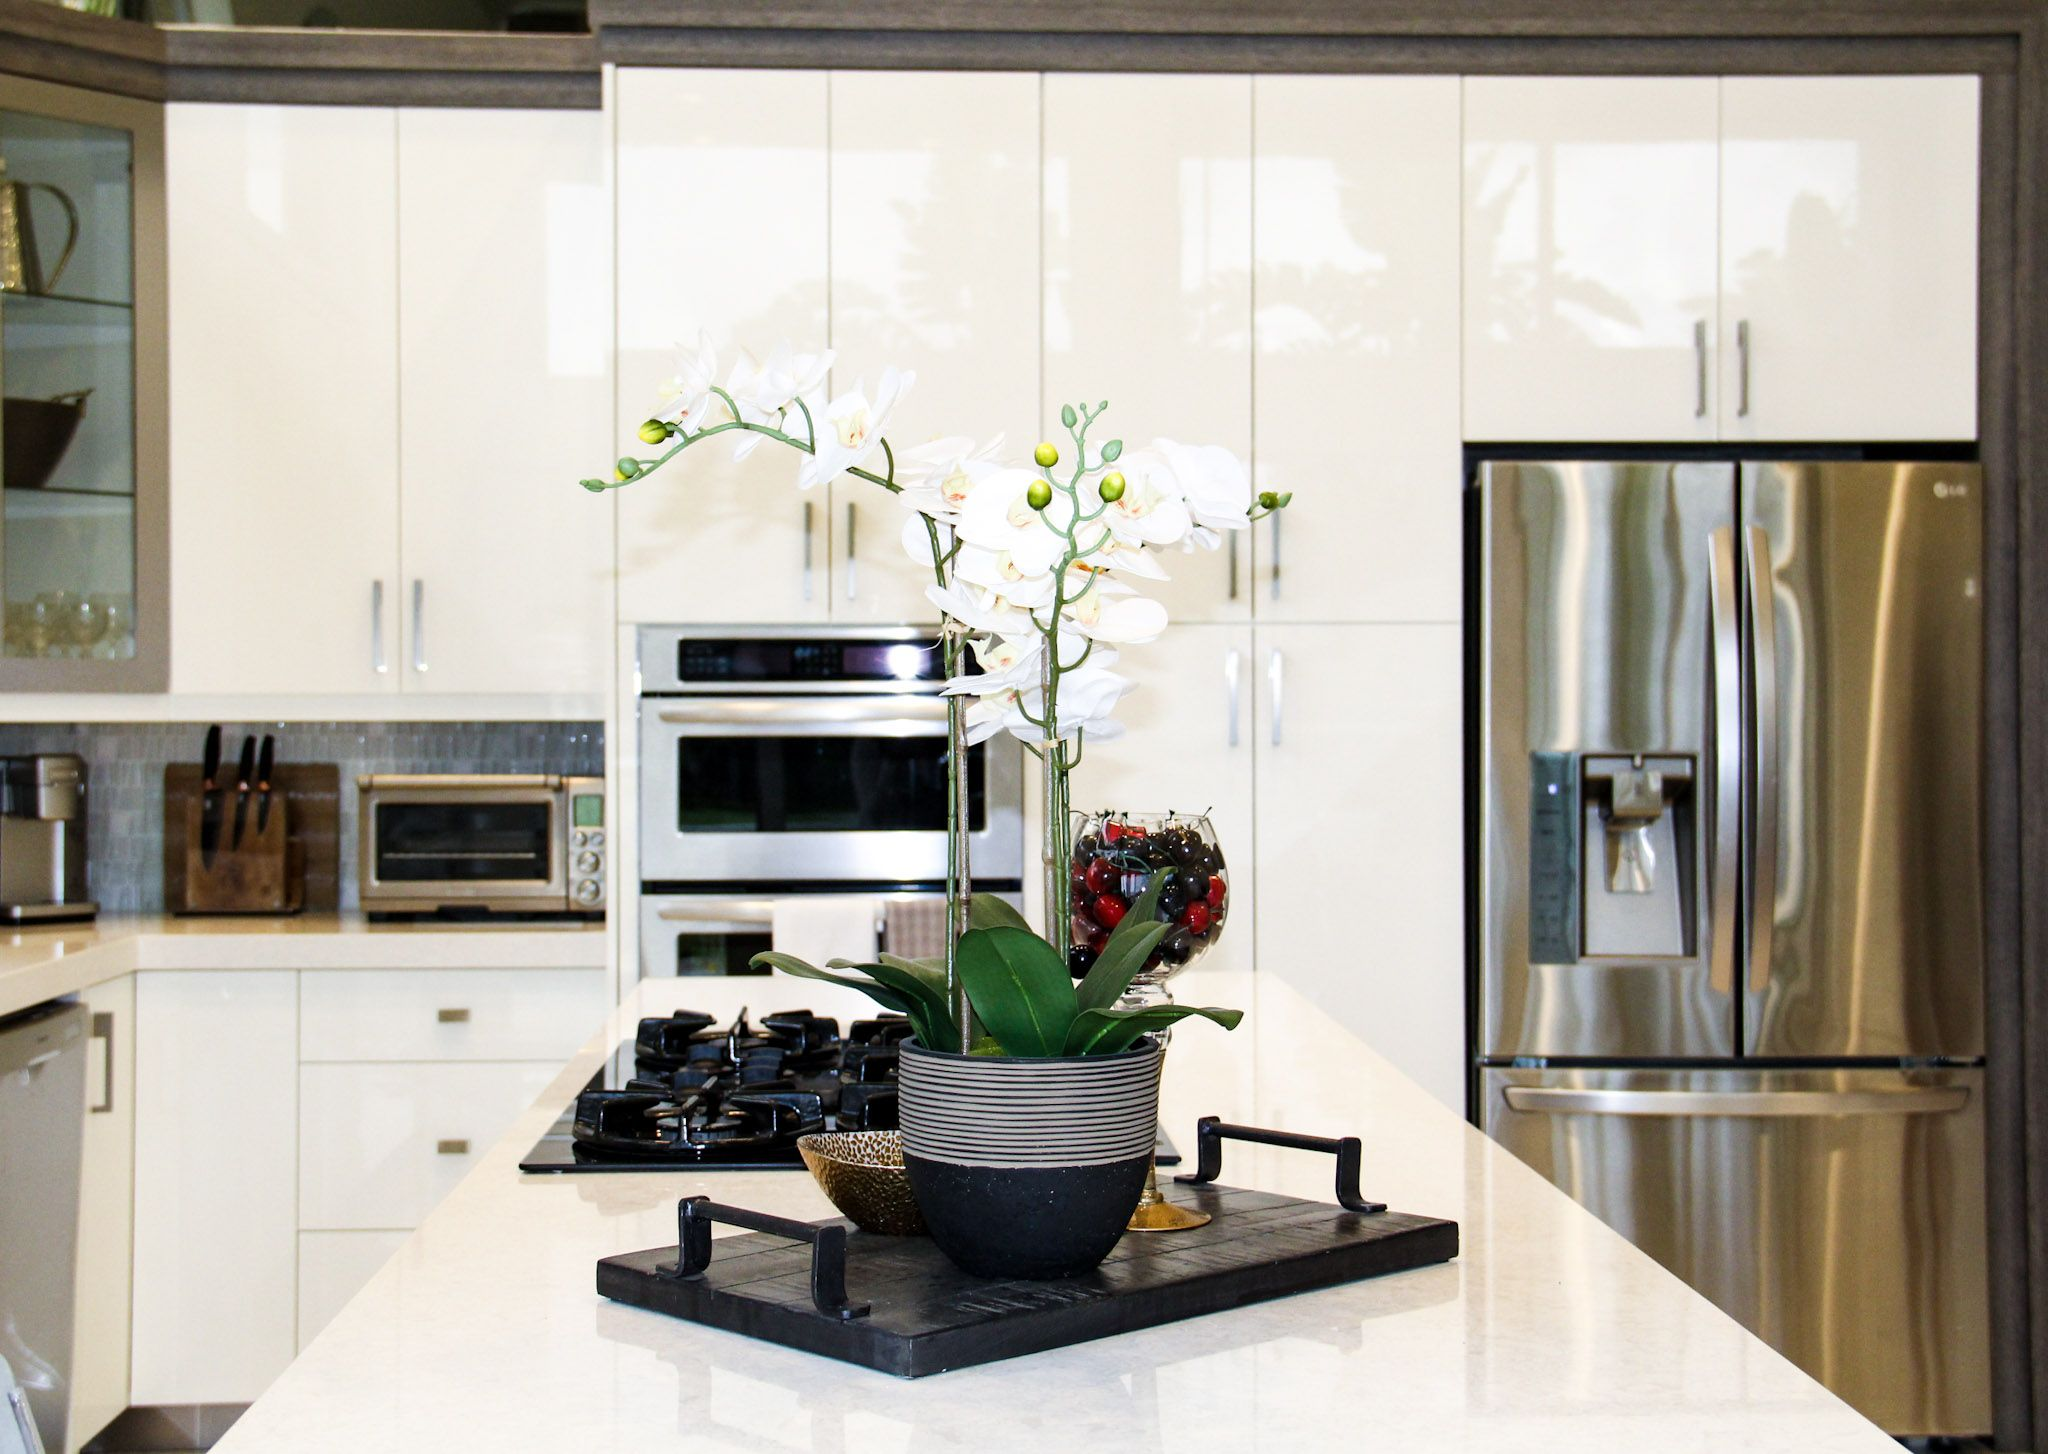 Boca Raton Contemporary Italian Kitchen Lunardi Decor Kitchen Italian Kitchen Kitchen Remodel